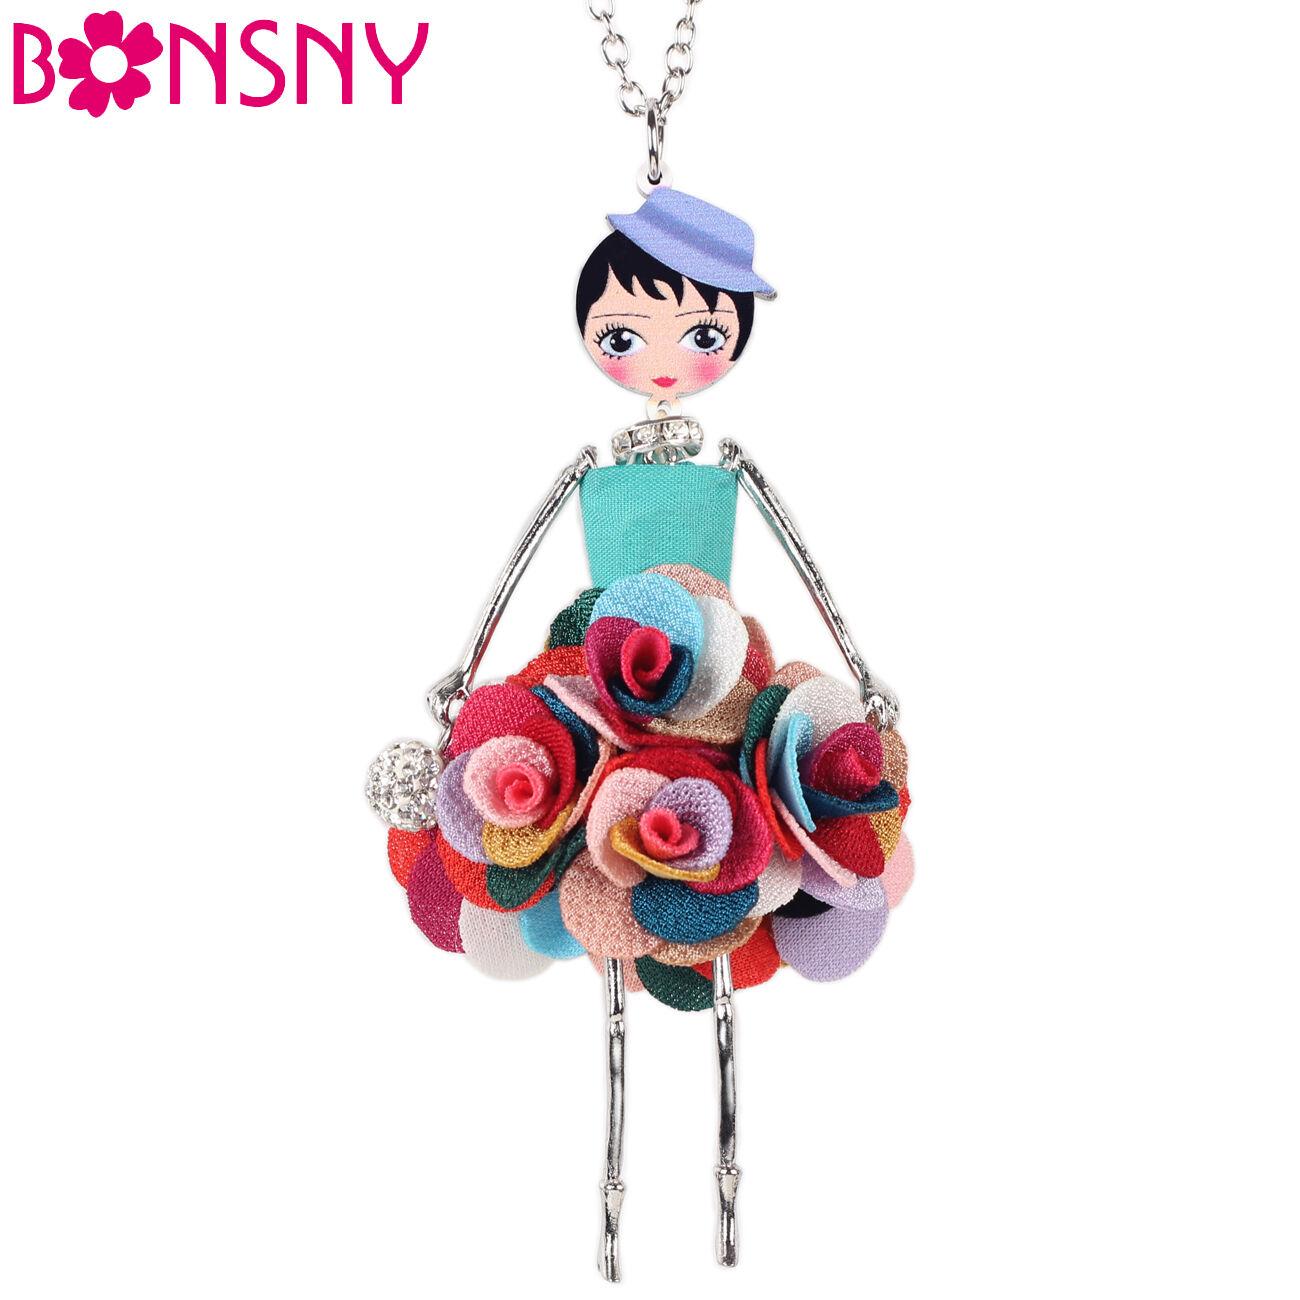 Bonsny Jewellery